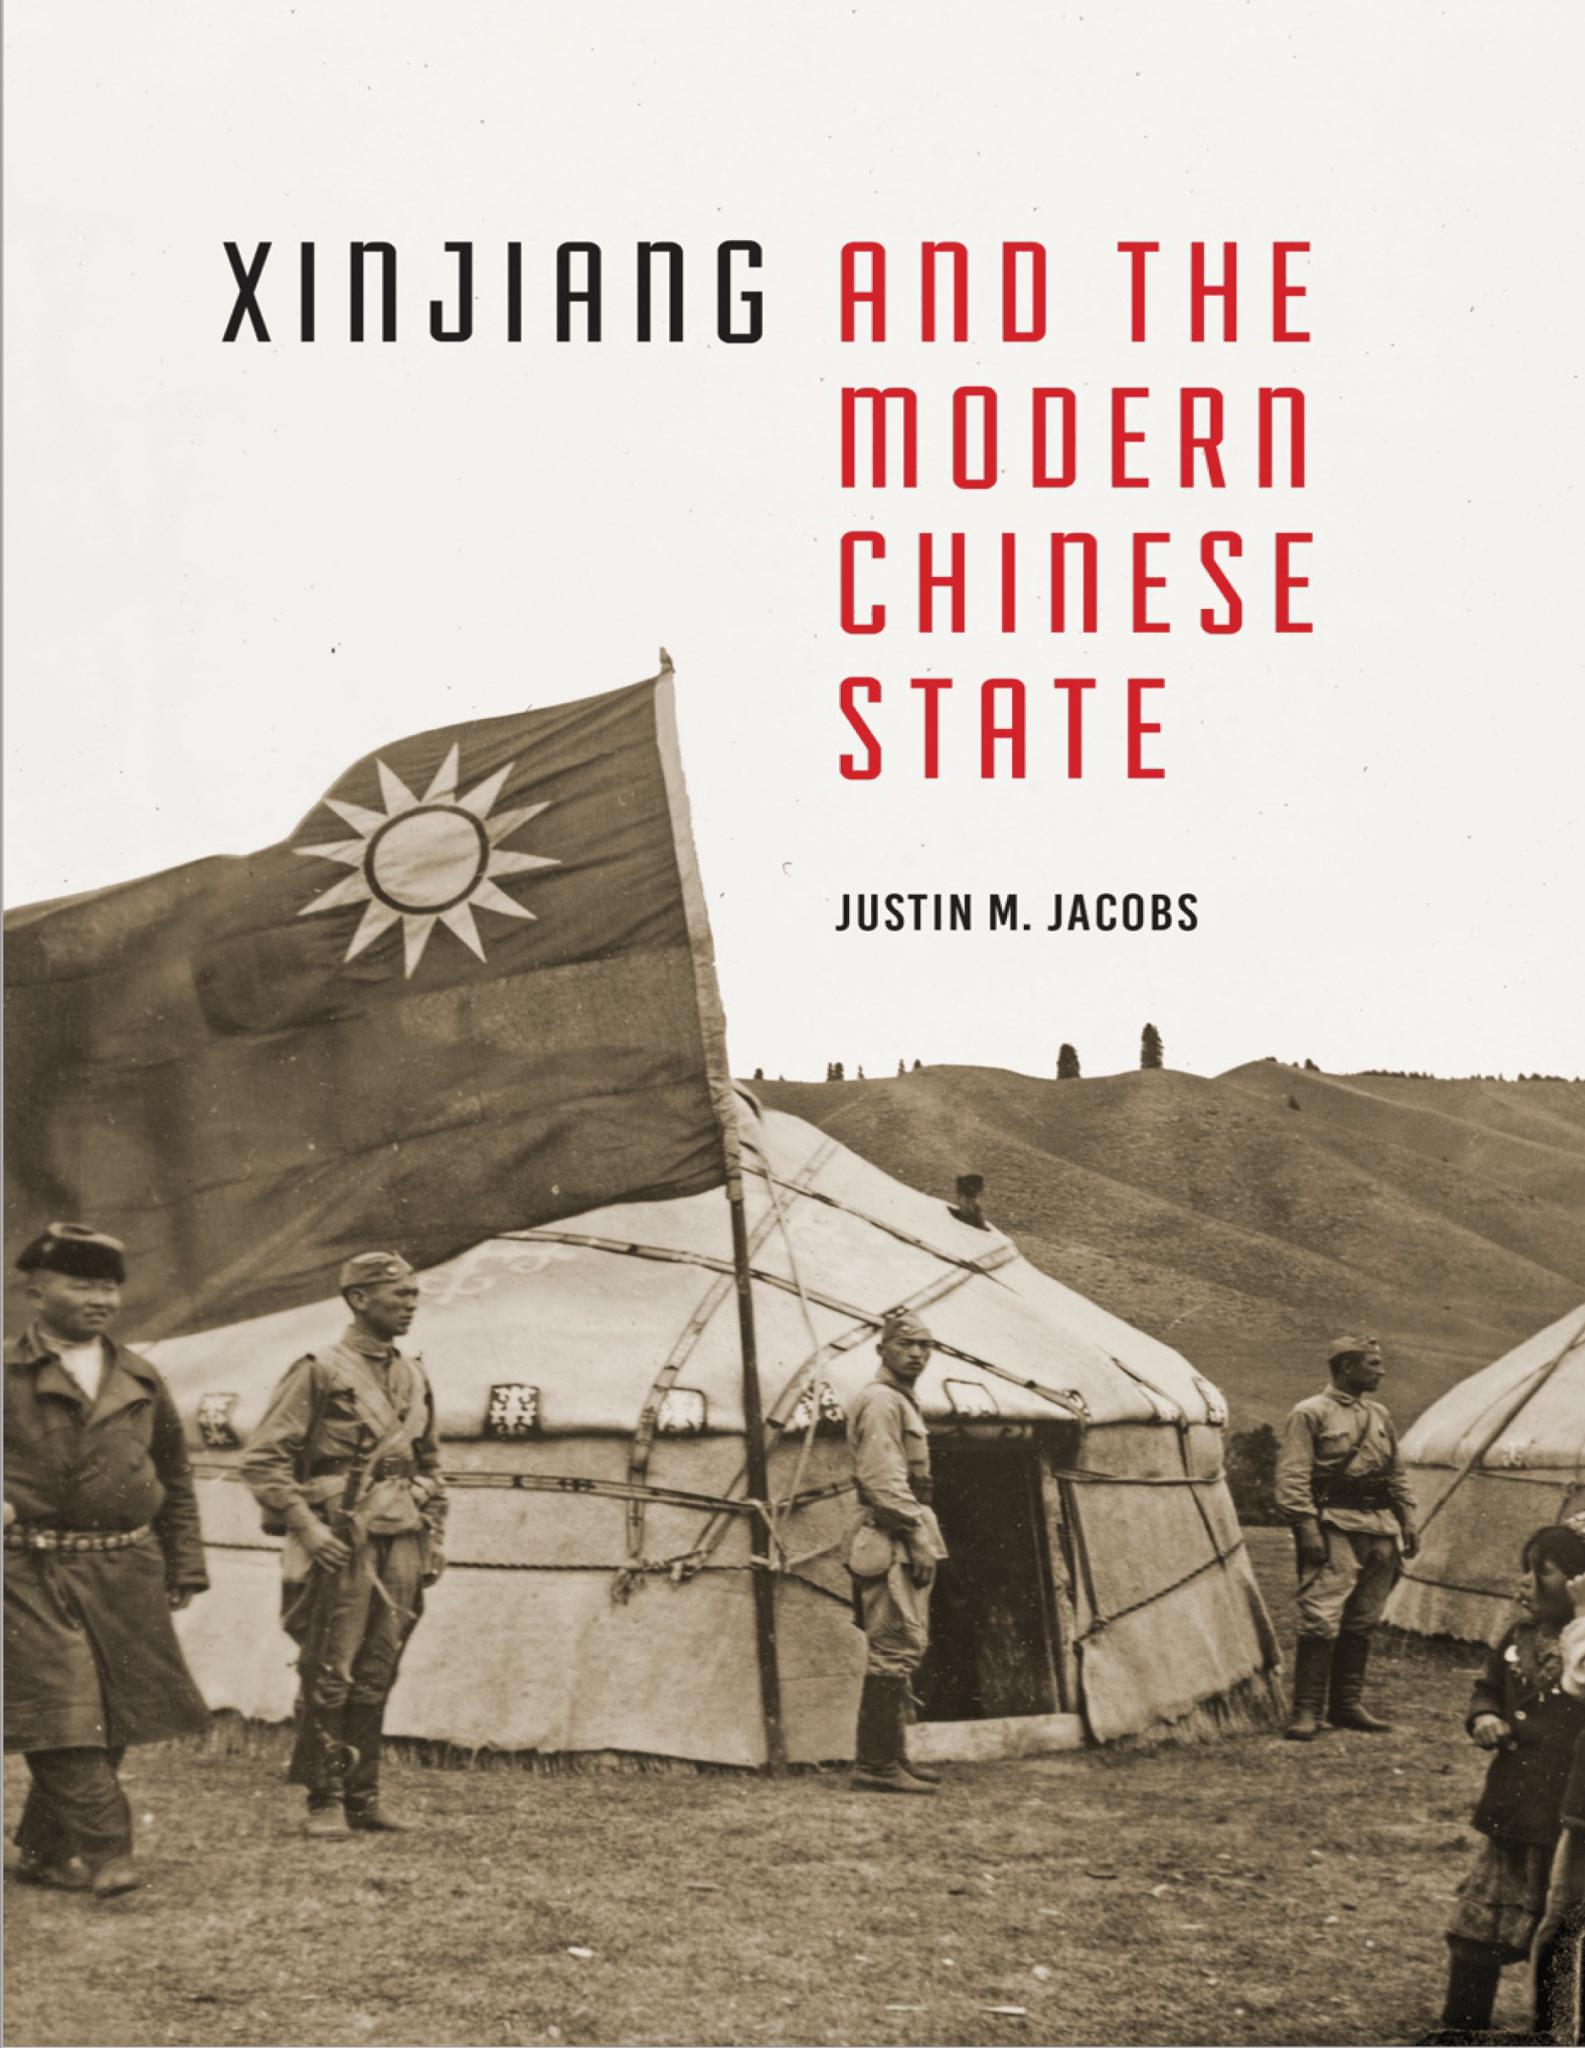 Screenshot 2020 02 03 at 10.29.48 - Xinjiang and the Modern Chinese State